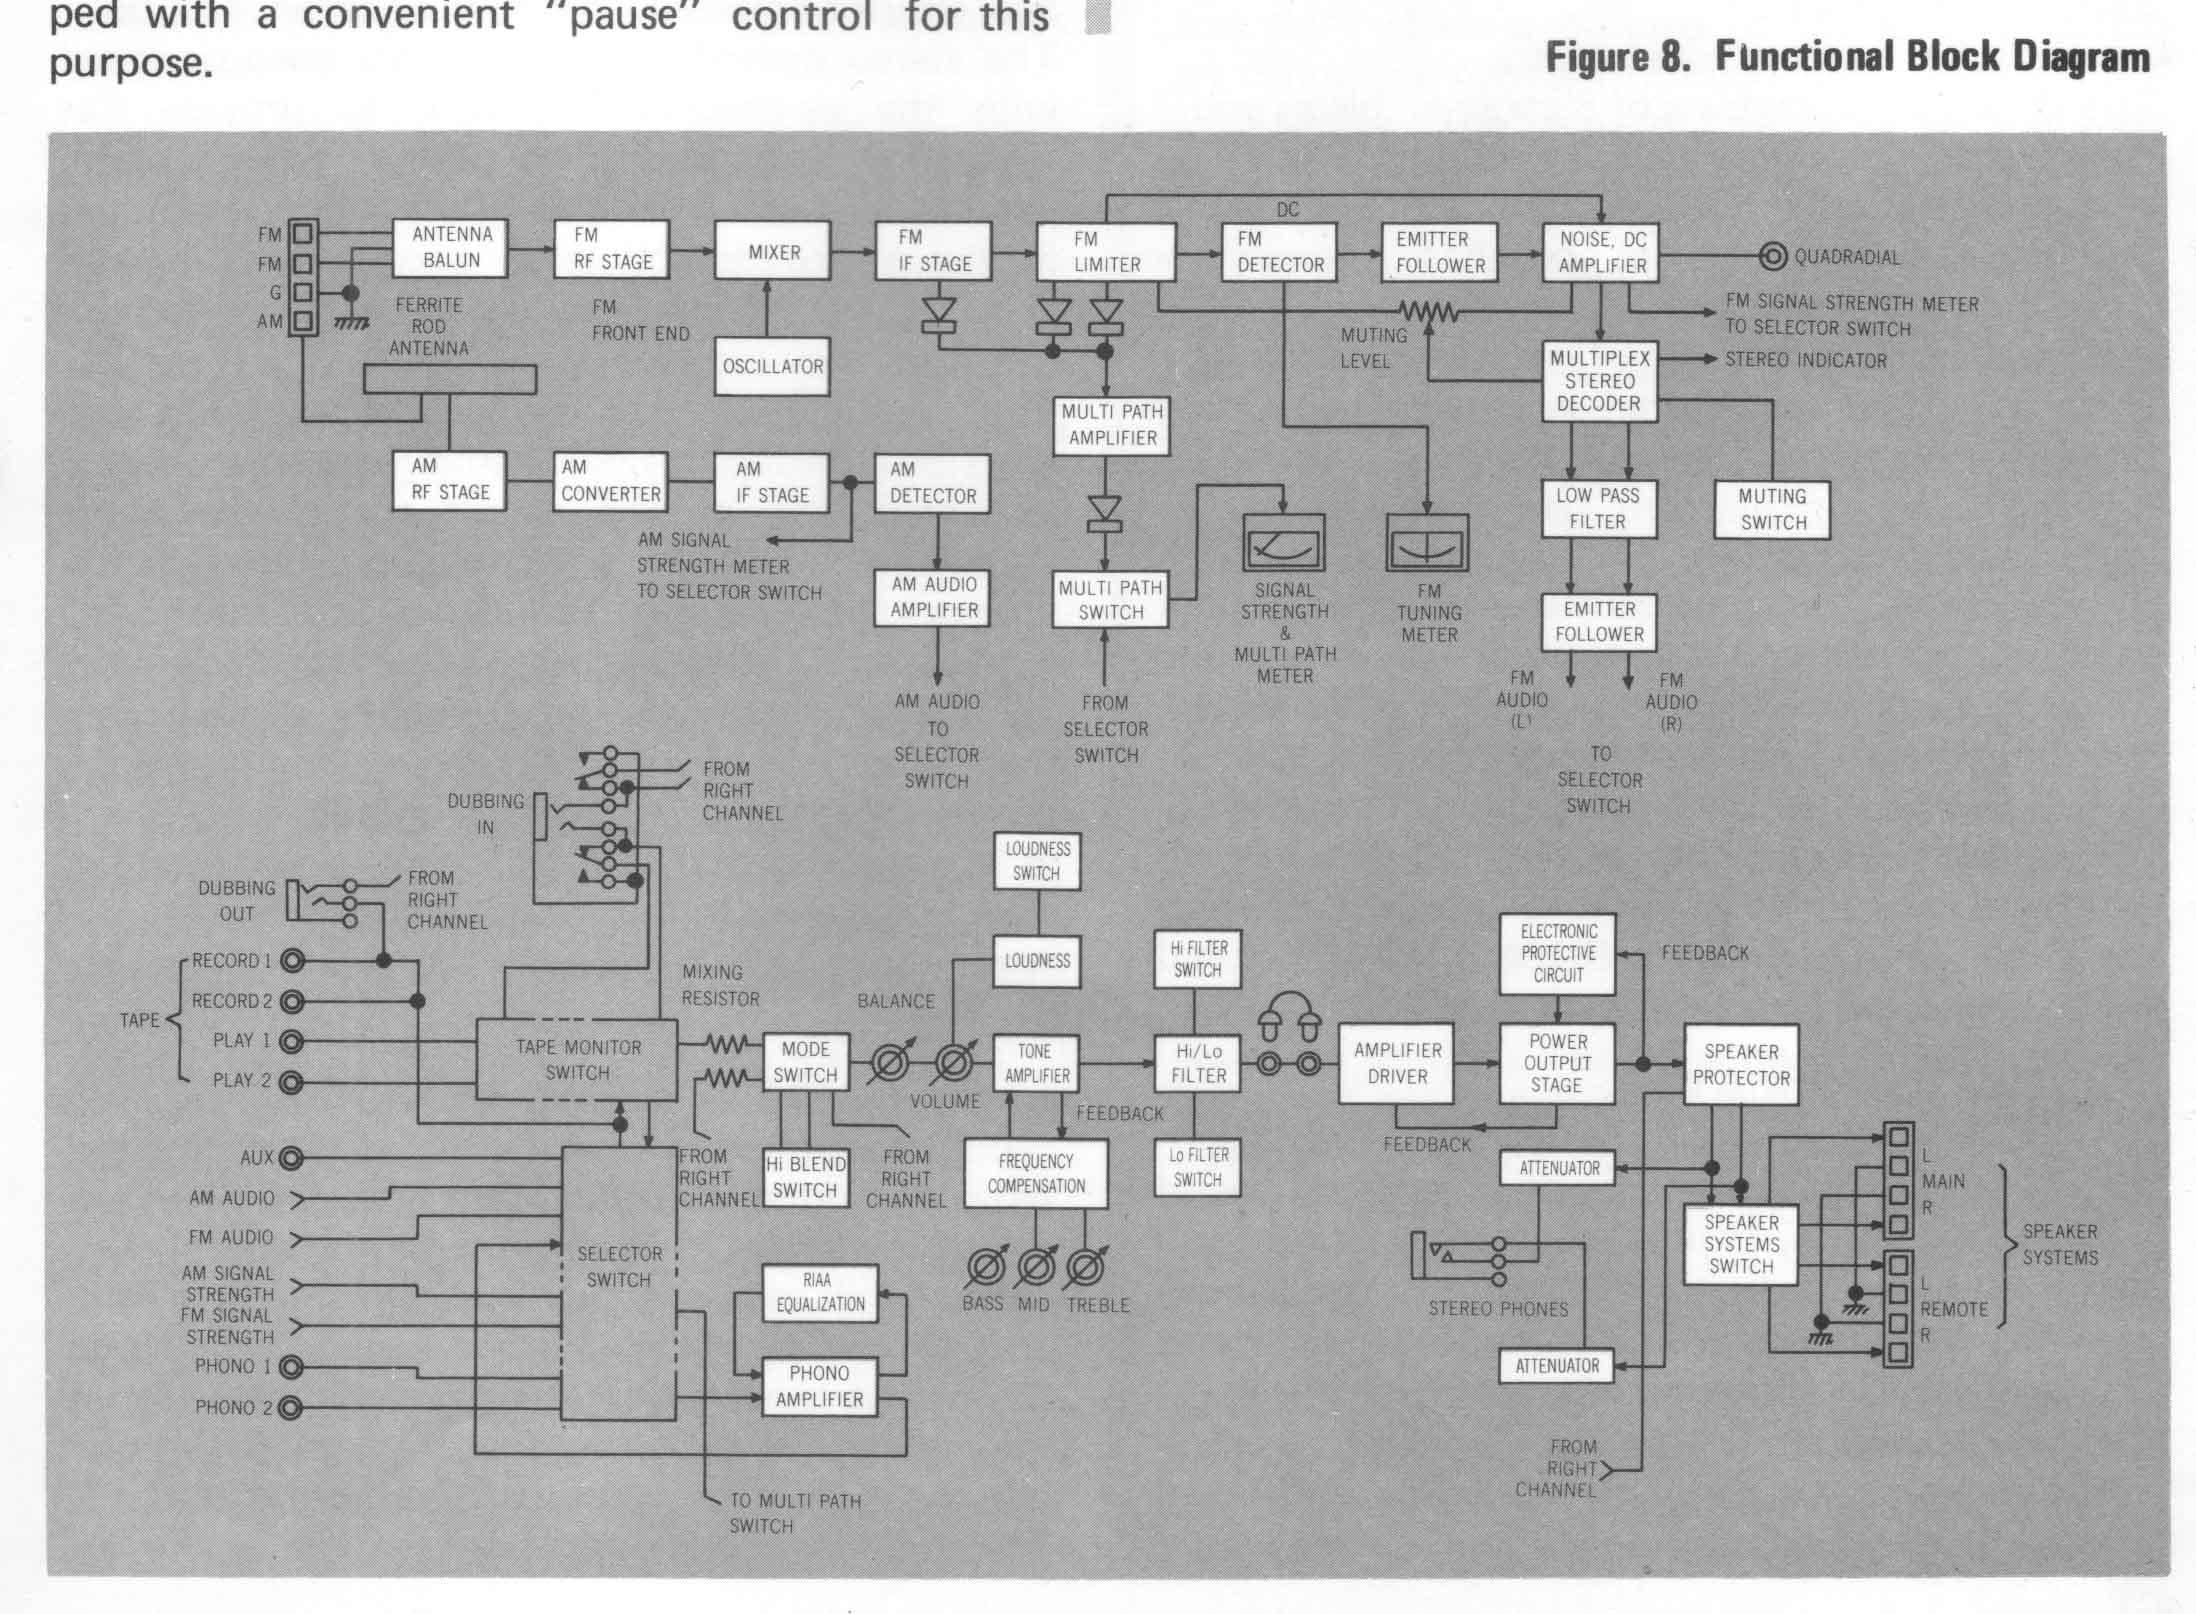 http://insidecircus.free.fr/Marantz_2270_Block_Diagram.jpg